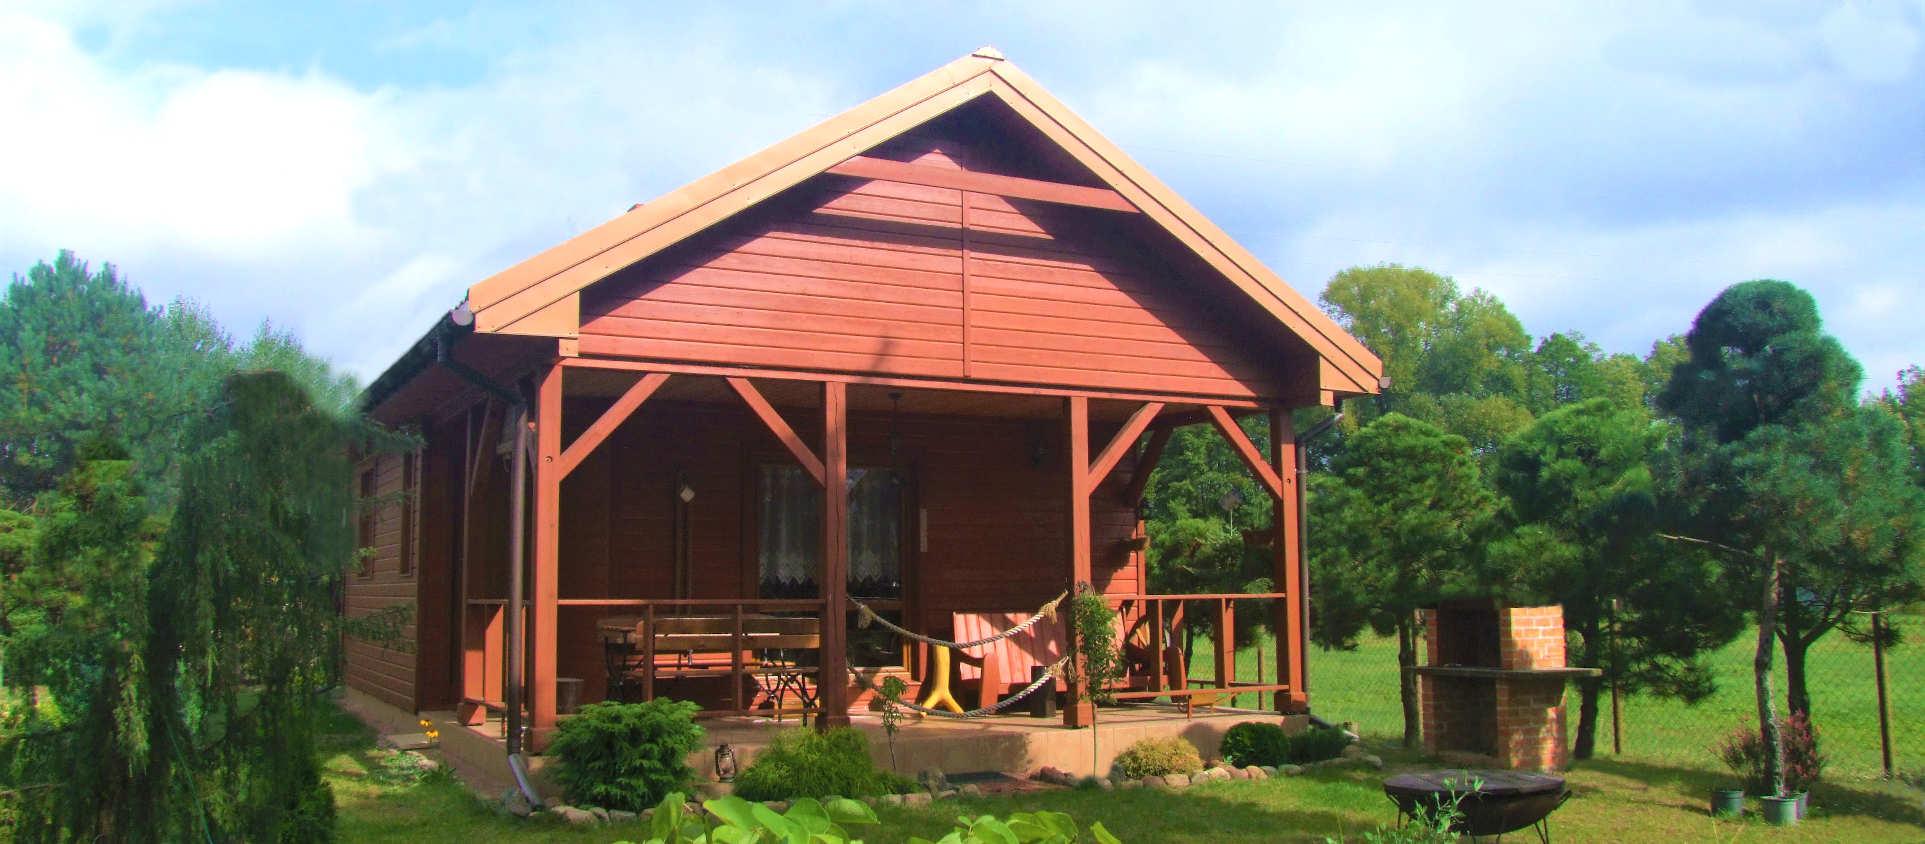 Dom drewniany - Lekki Szkielet Drewniany